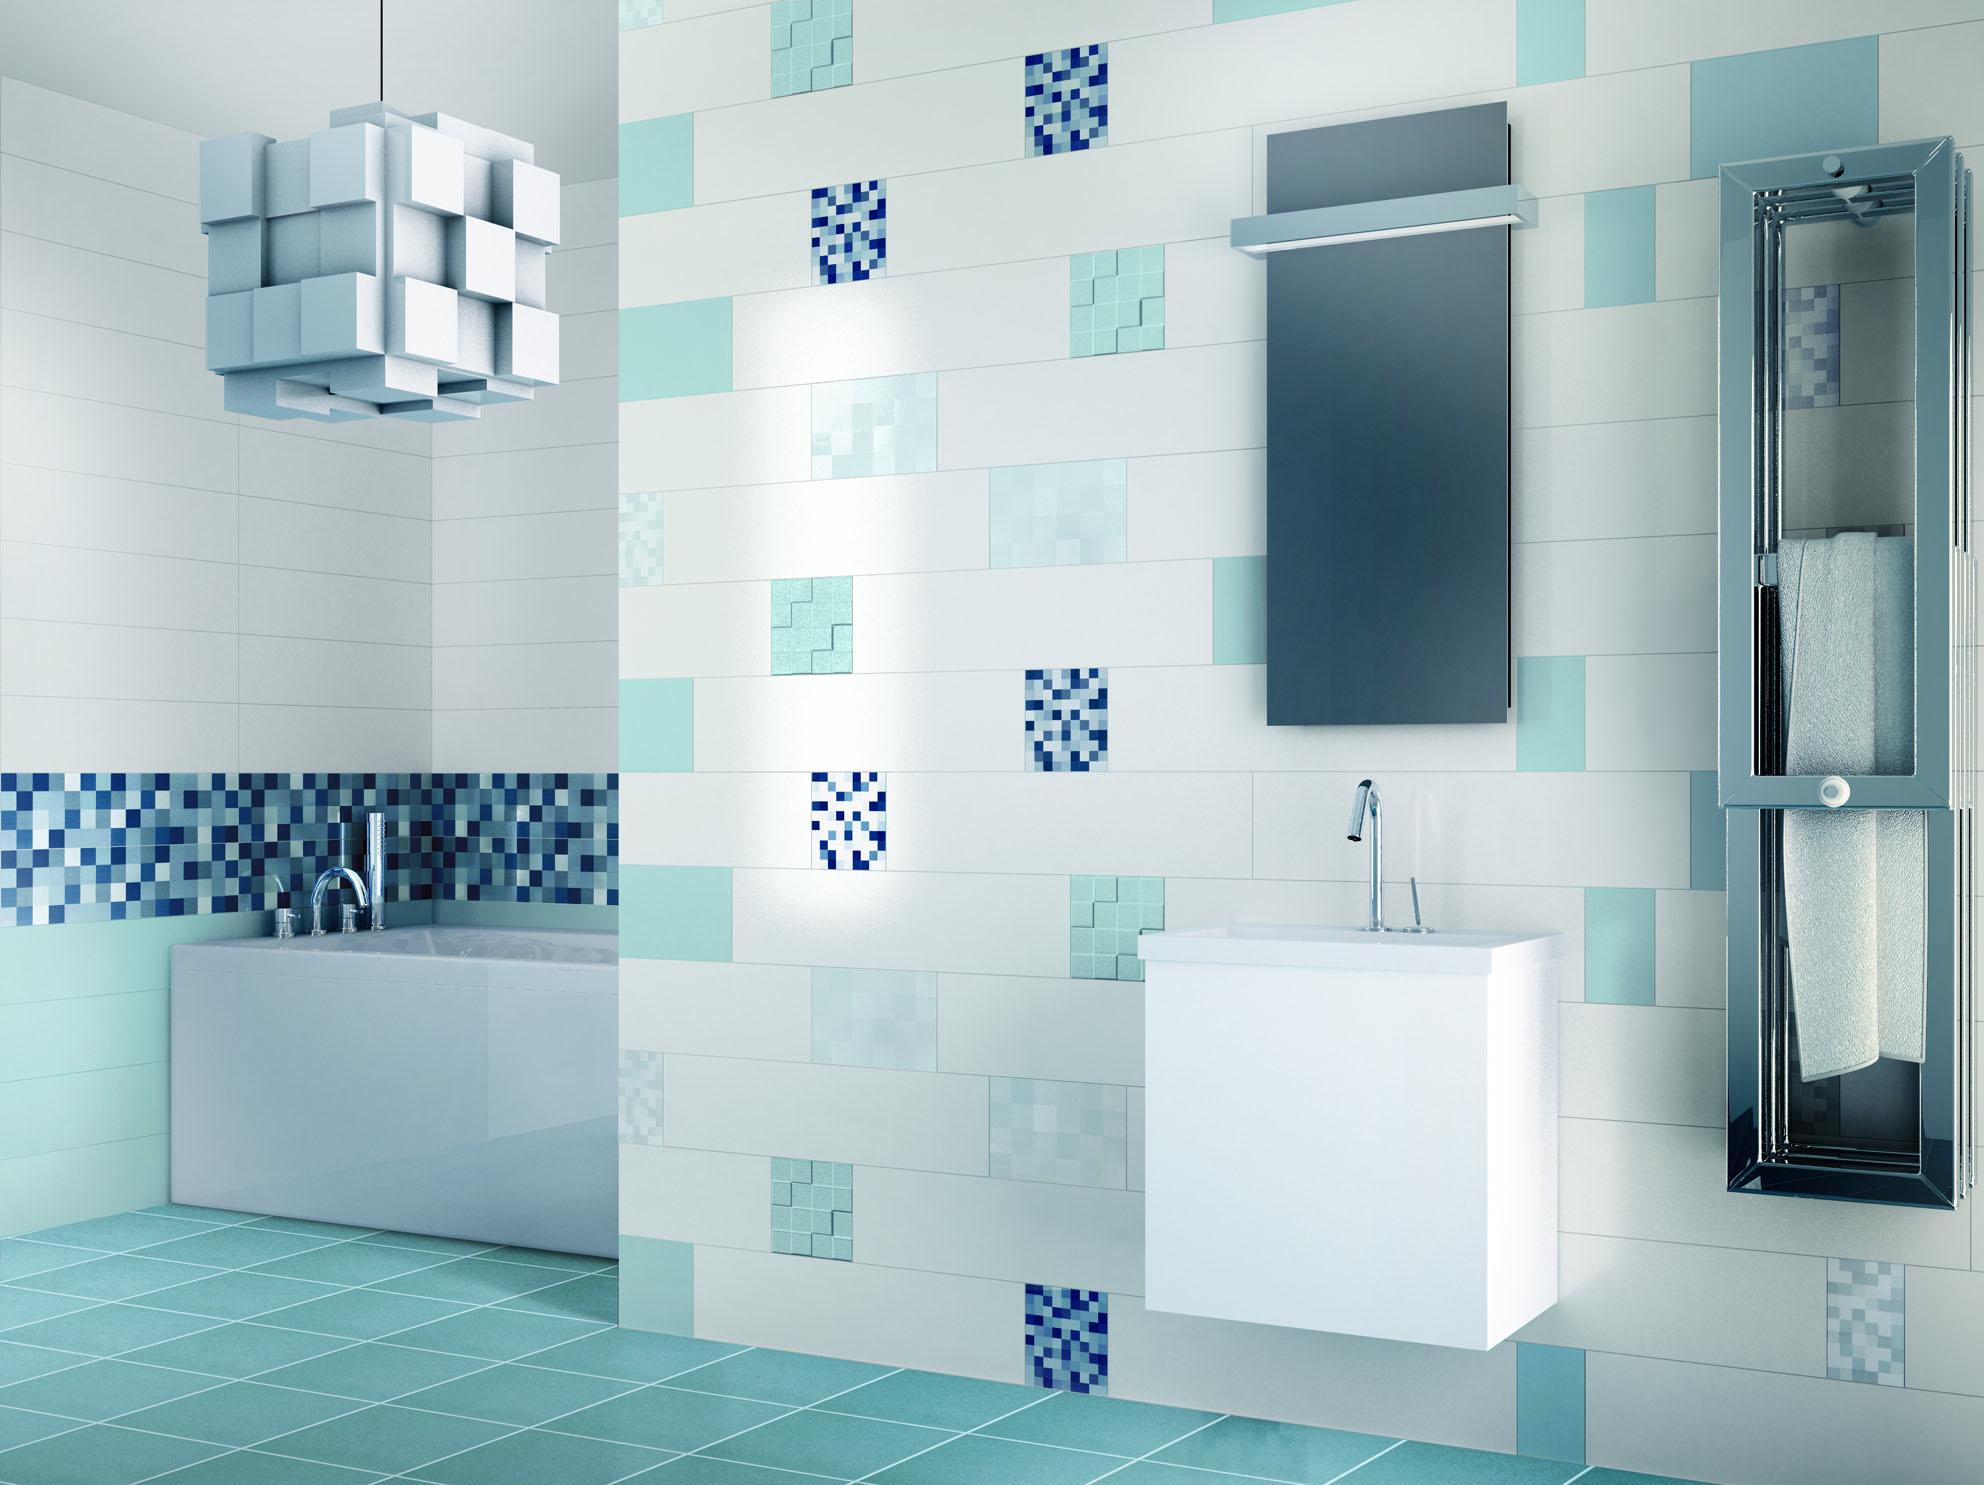 Ceramiche supergres presenta de co bagno italiano blog for Piastrelle bagno azzurre